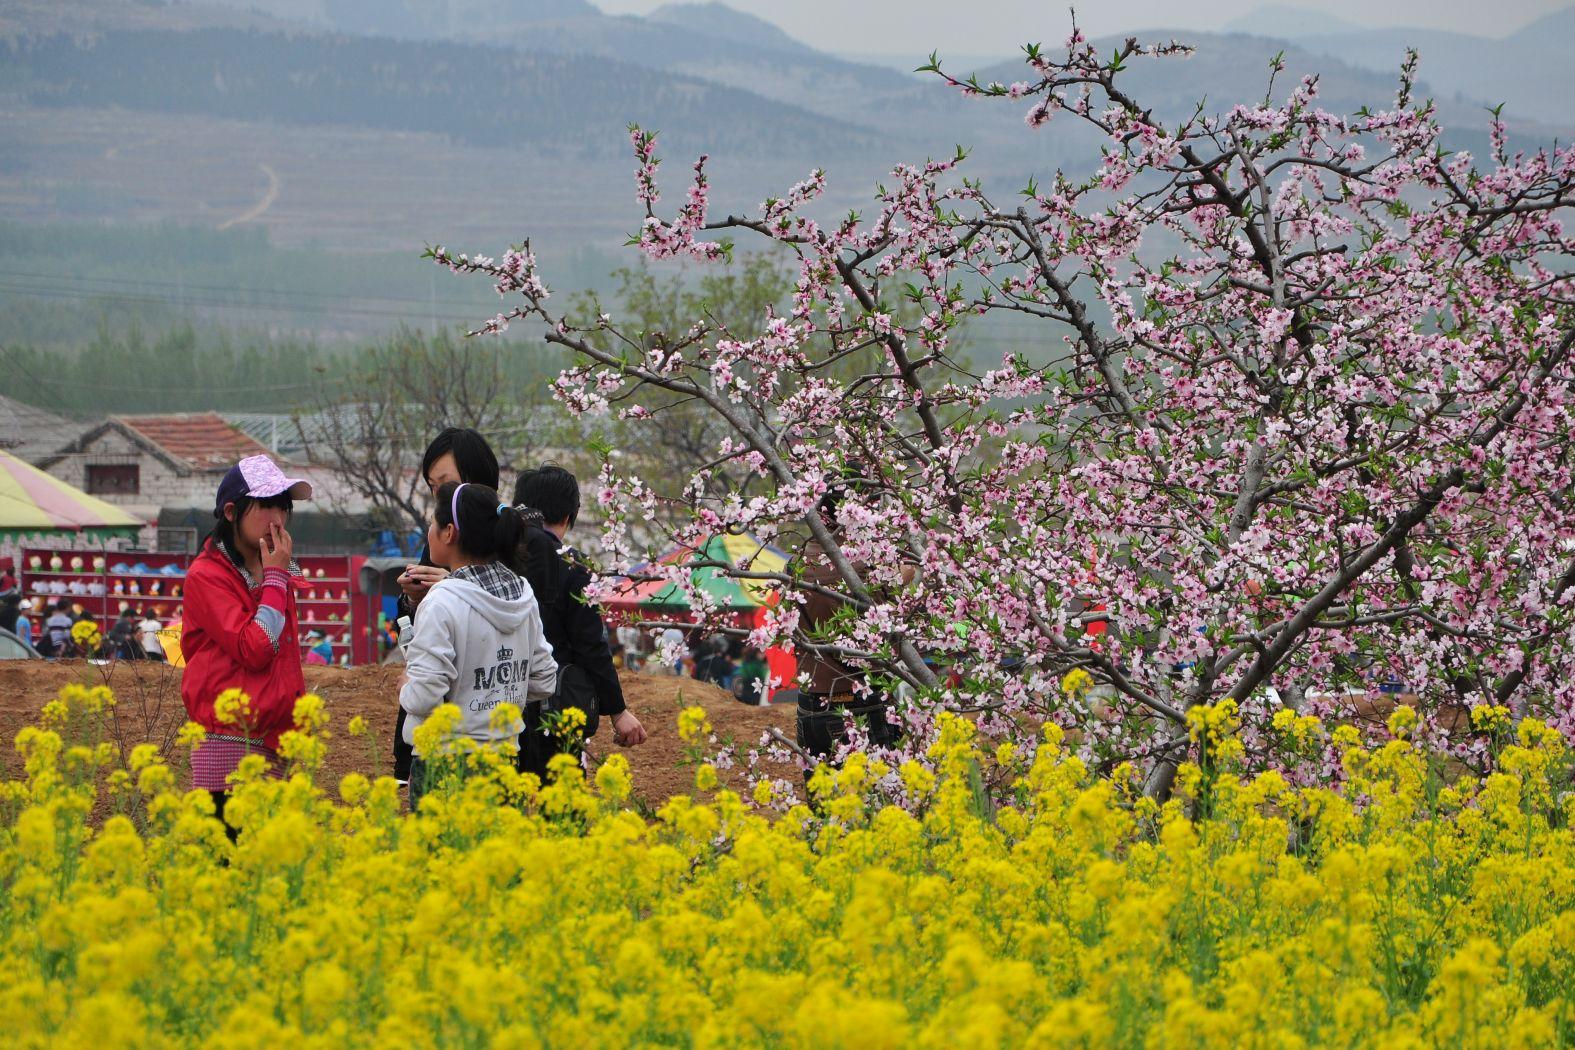 山东肥城风景照片